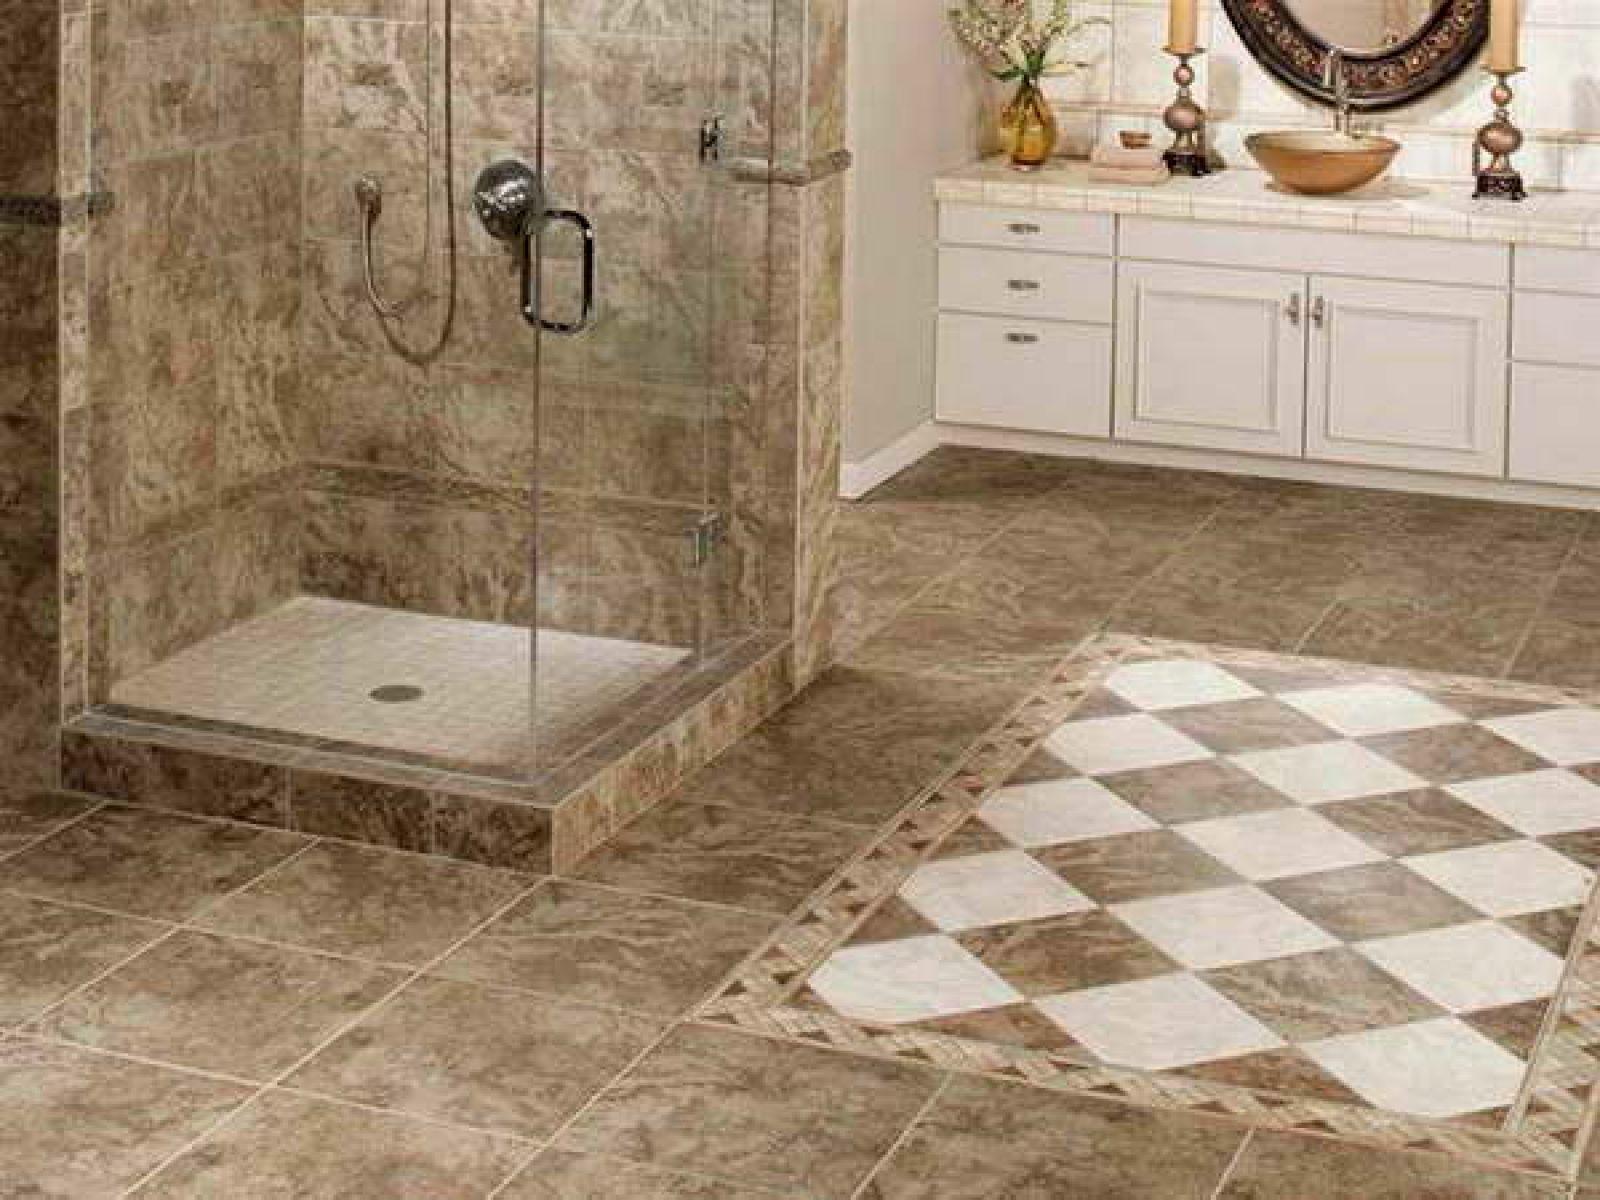 unique grey bathroom floor tiles gallery-Inspirational Grey Bathroom Floor Tiles Portrait